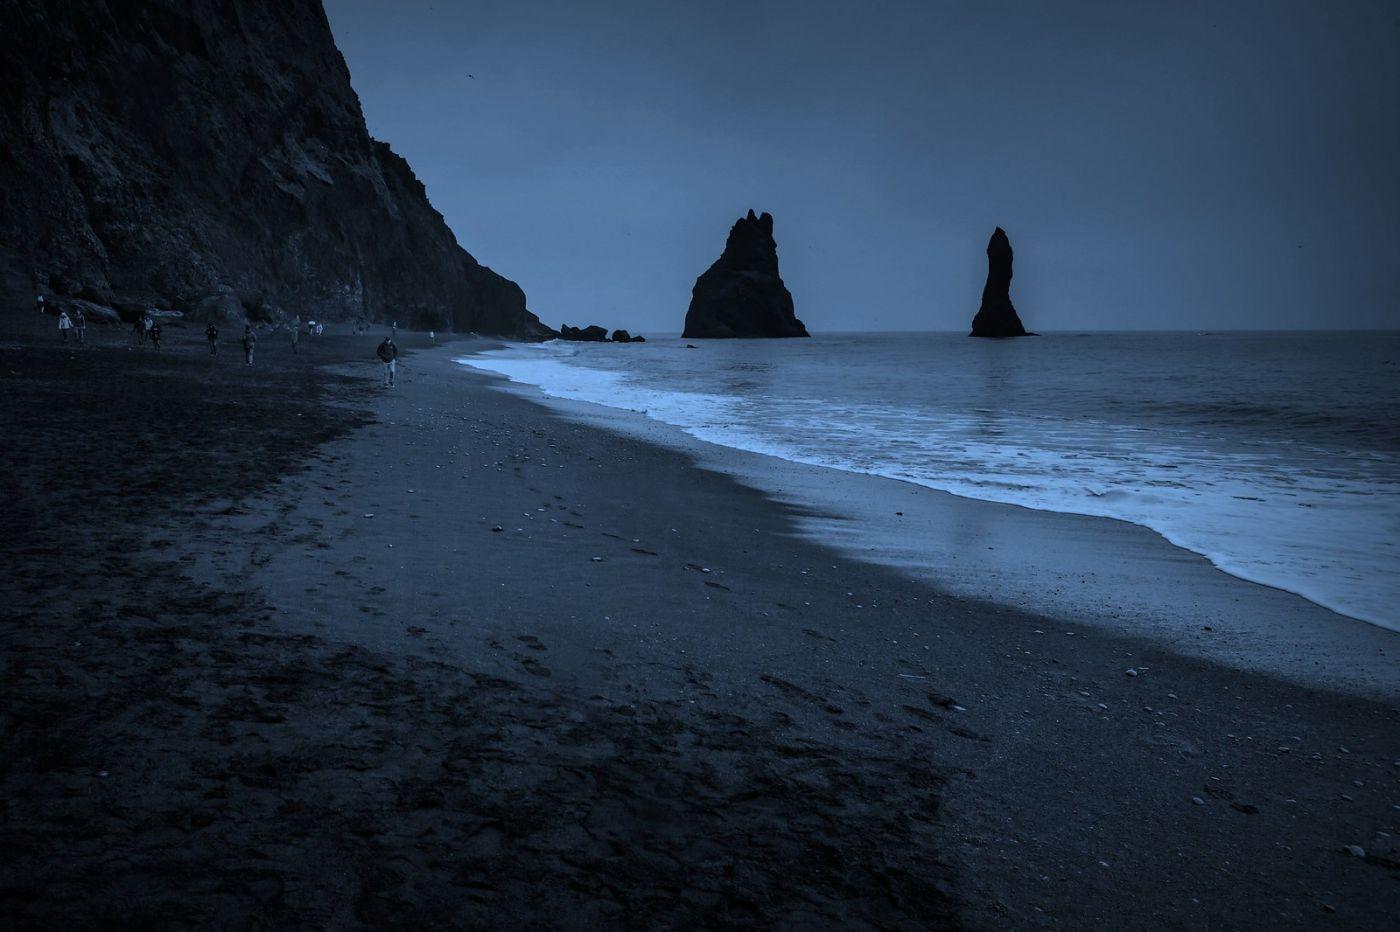 冰岛雷尼斯法加拉黑沙滩(Reynisfjara Black Sand Beach)_图1-23